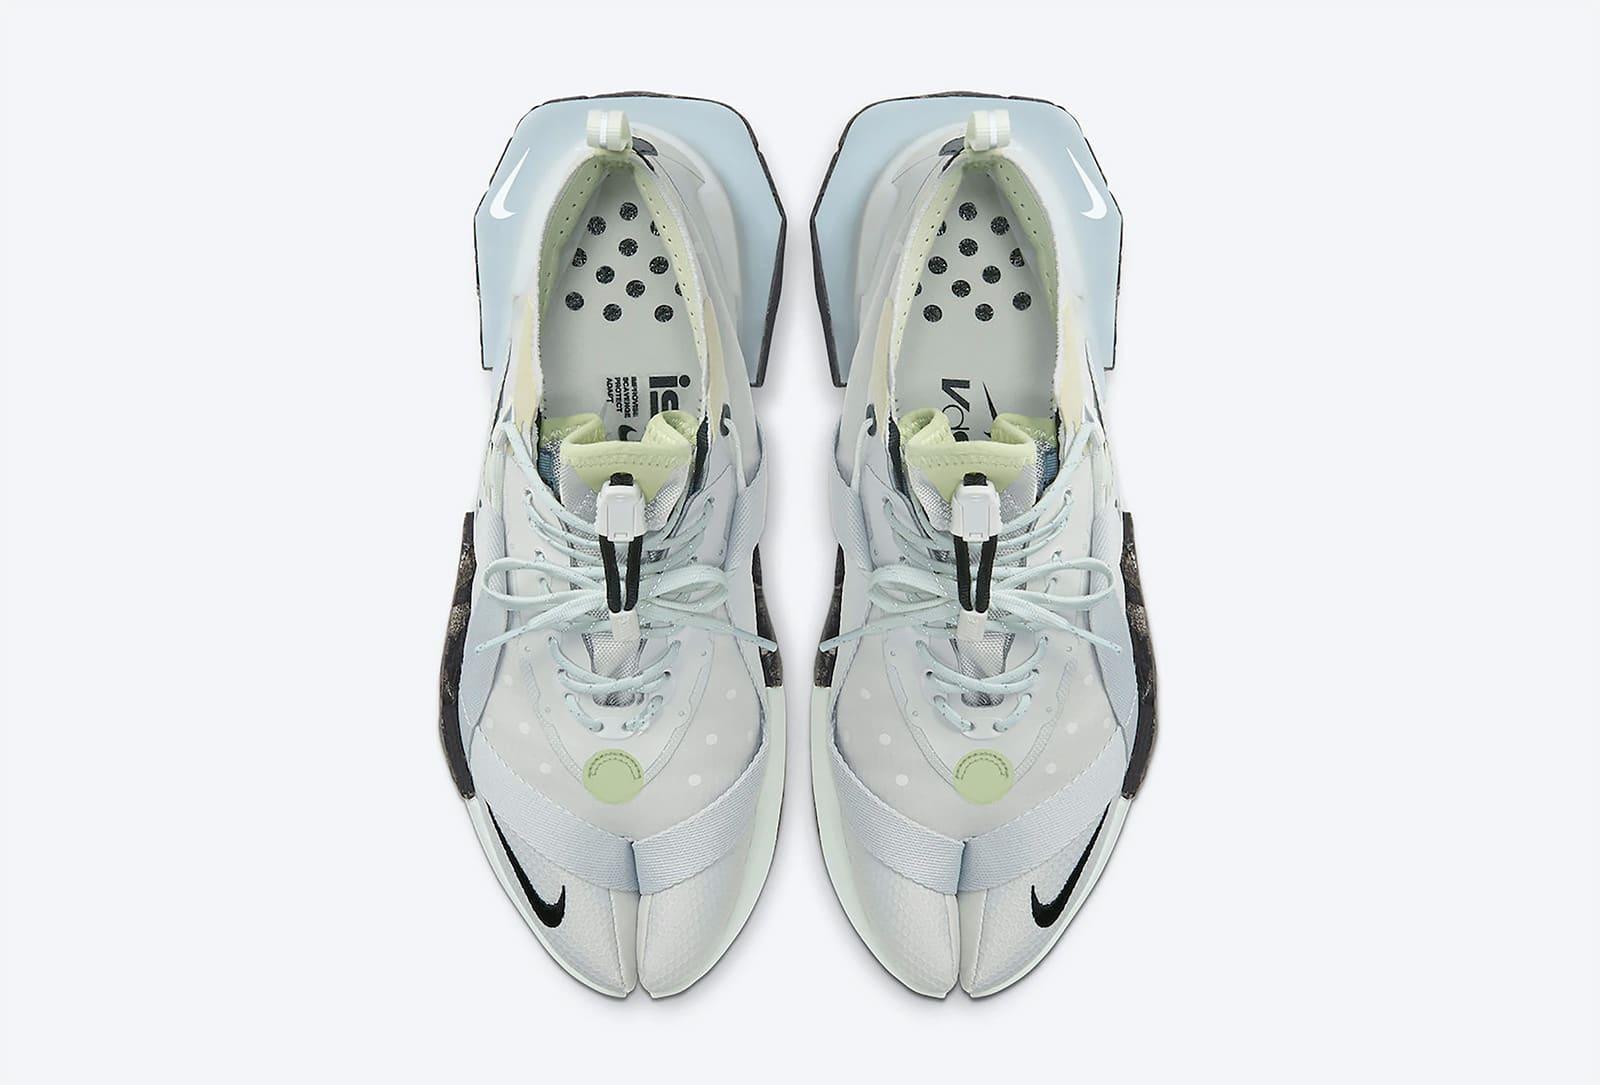 Nike ISPA Drifter Split